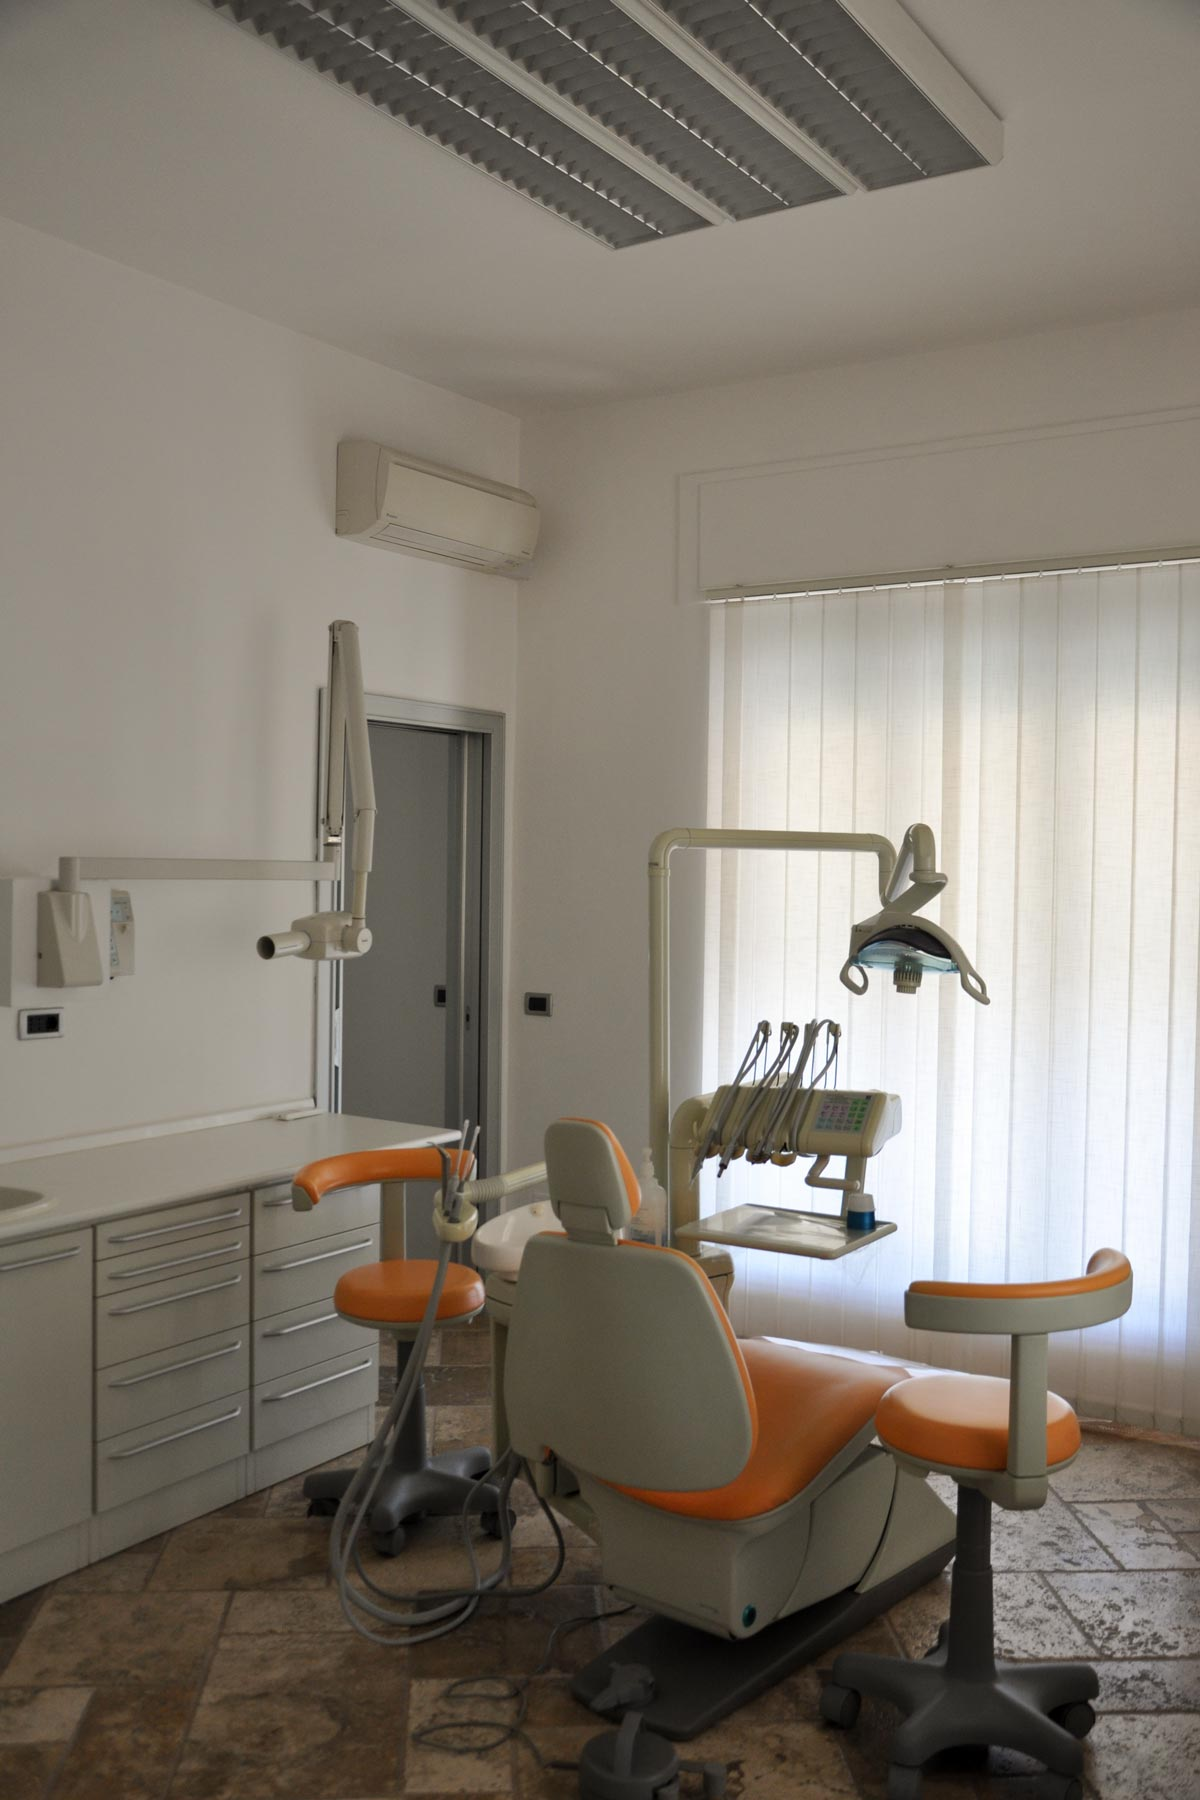 studio-dentistico-dental-piu-Marina-di-Massa-04